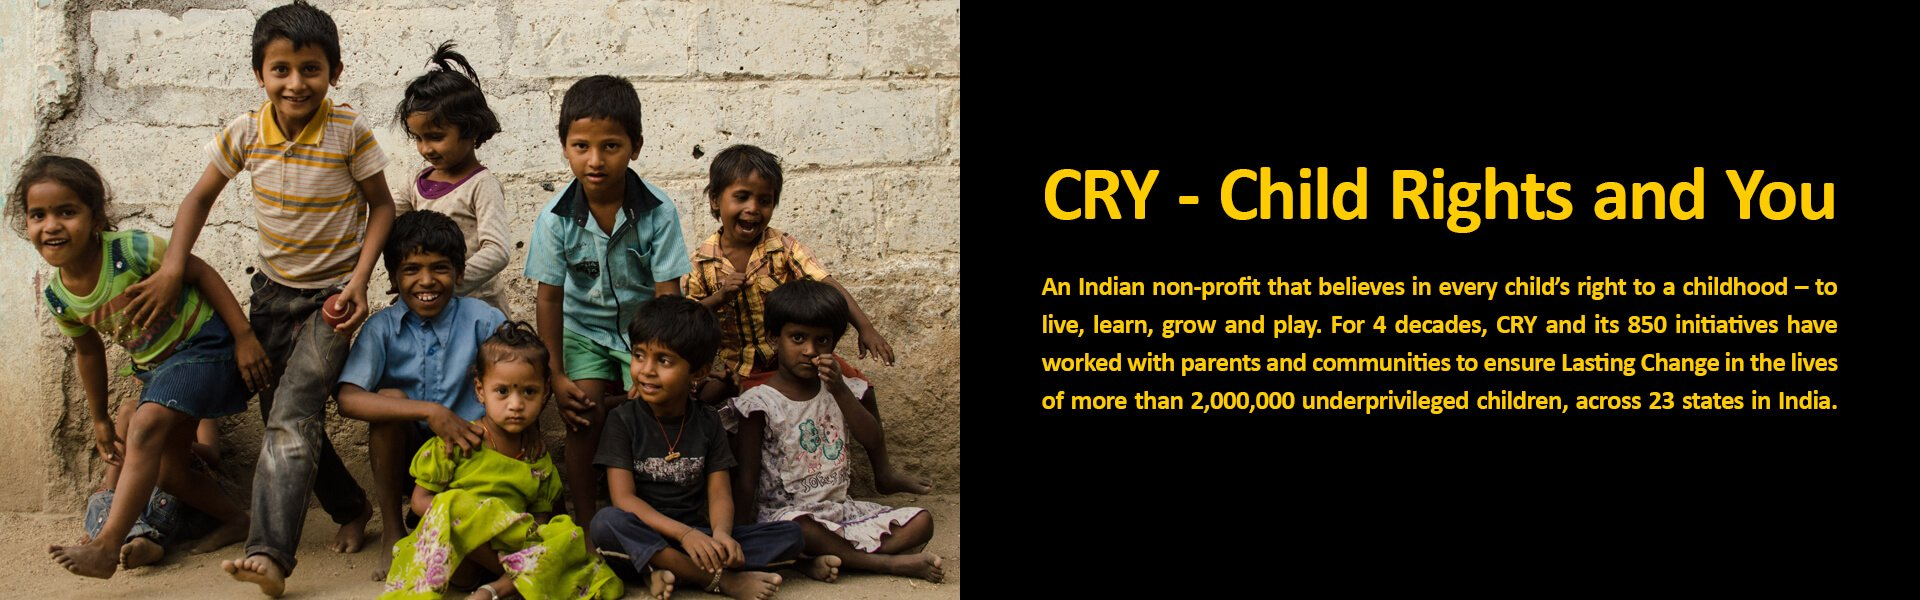 non-profit organization in India